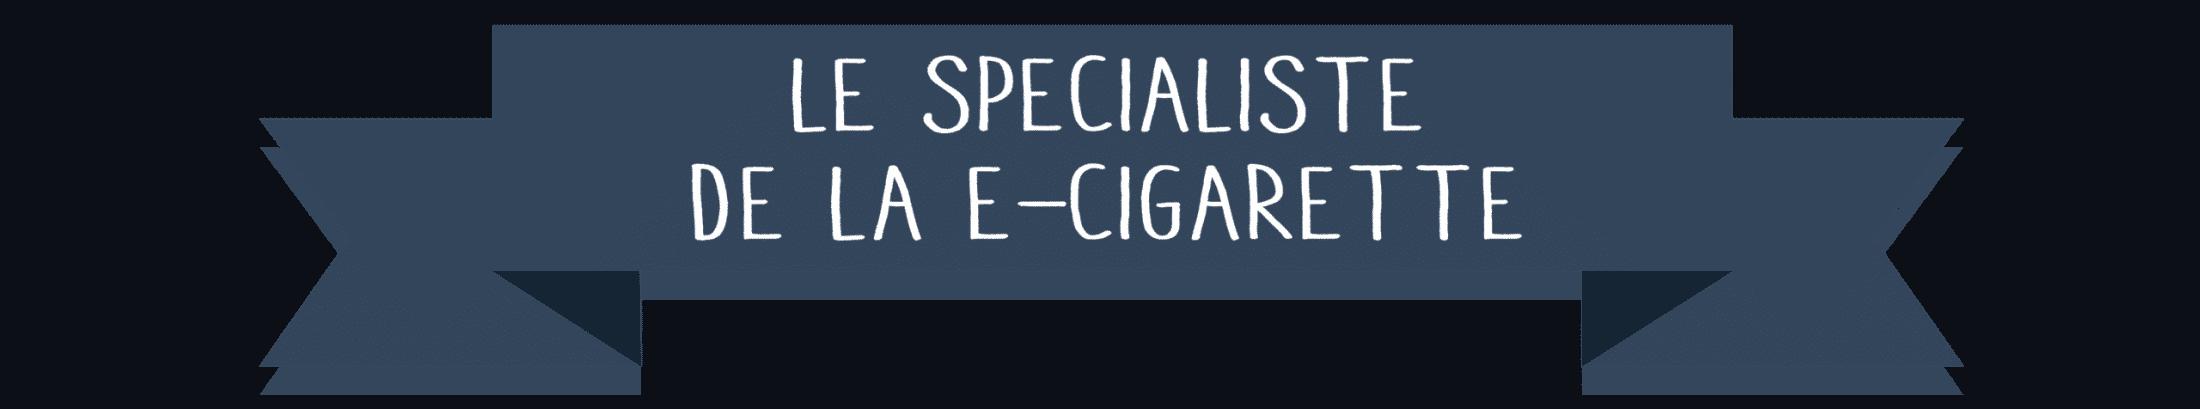 L'Art de la Vape - E-cigarettes, accessoires et E-liquides - Le spécialiste de la E-Cigarette